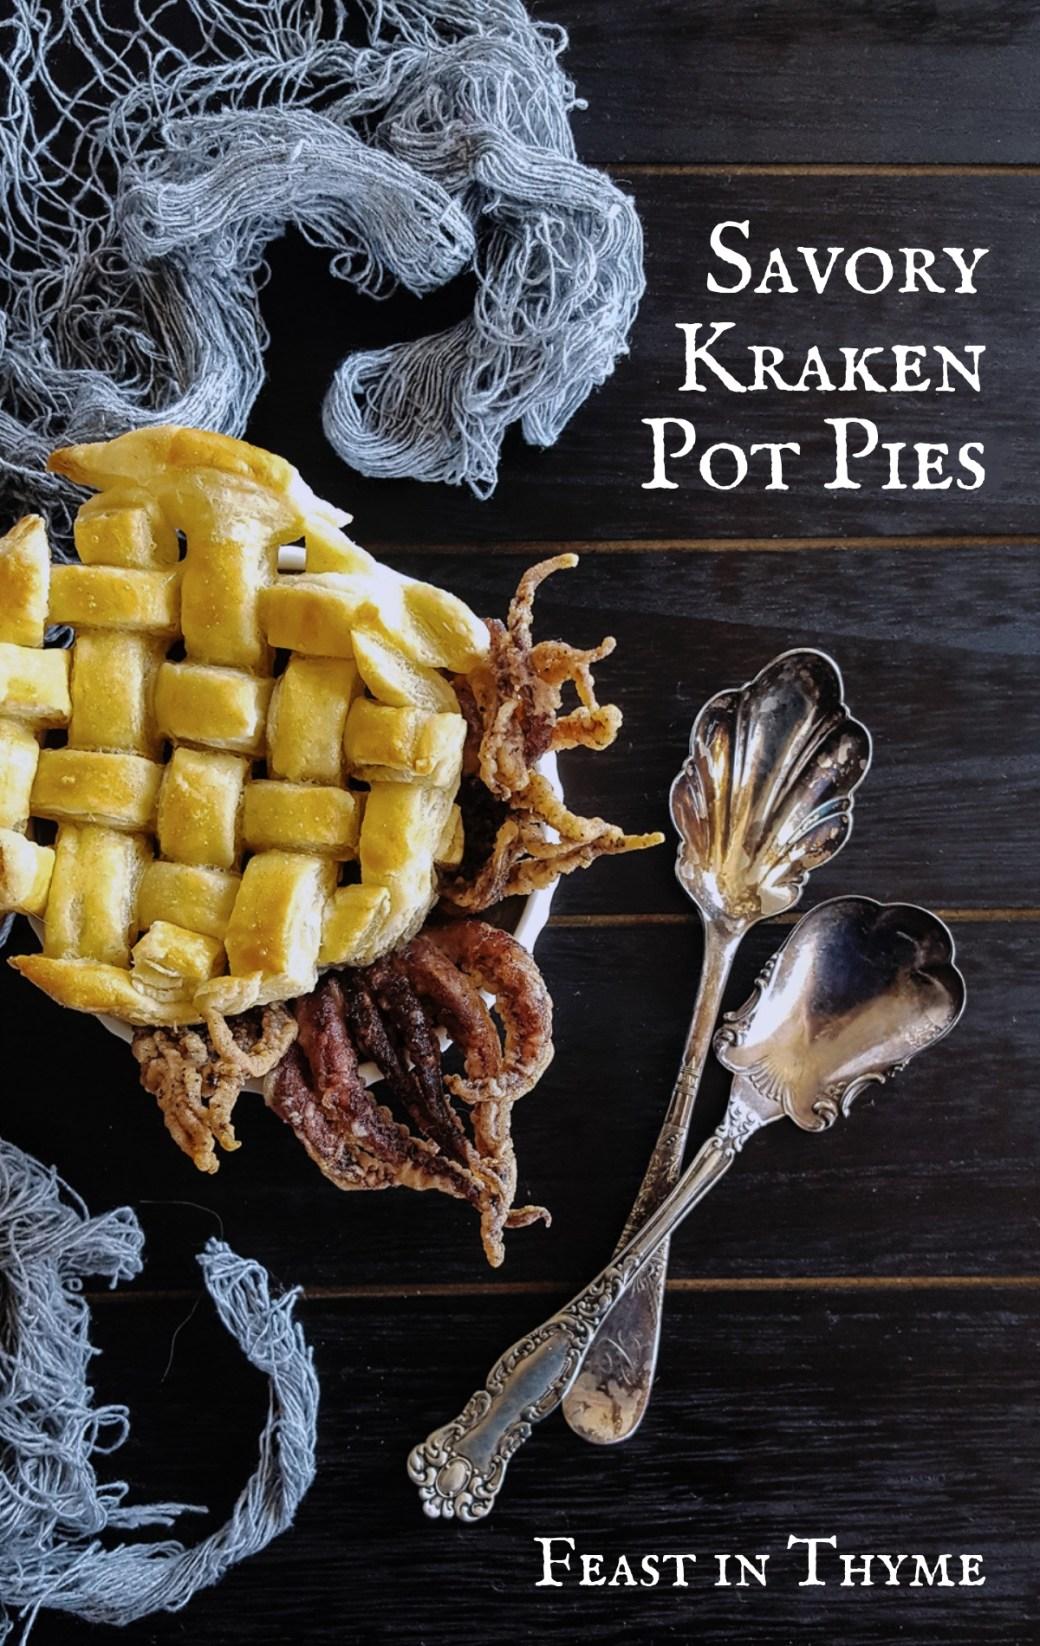 Savory Kraken Pot Pies - A Creepy Crab & Calamari Seafood Bisque